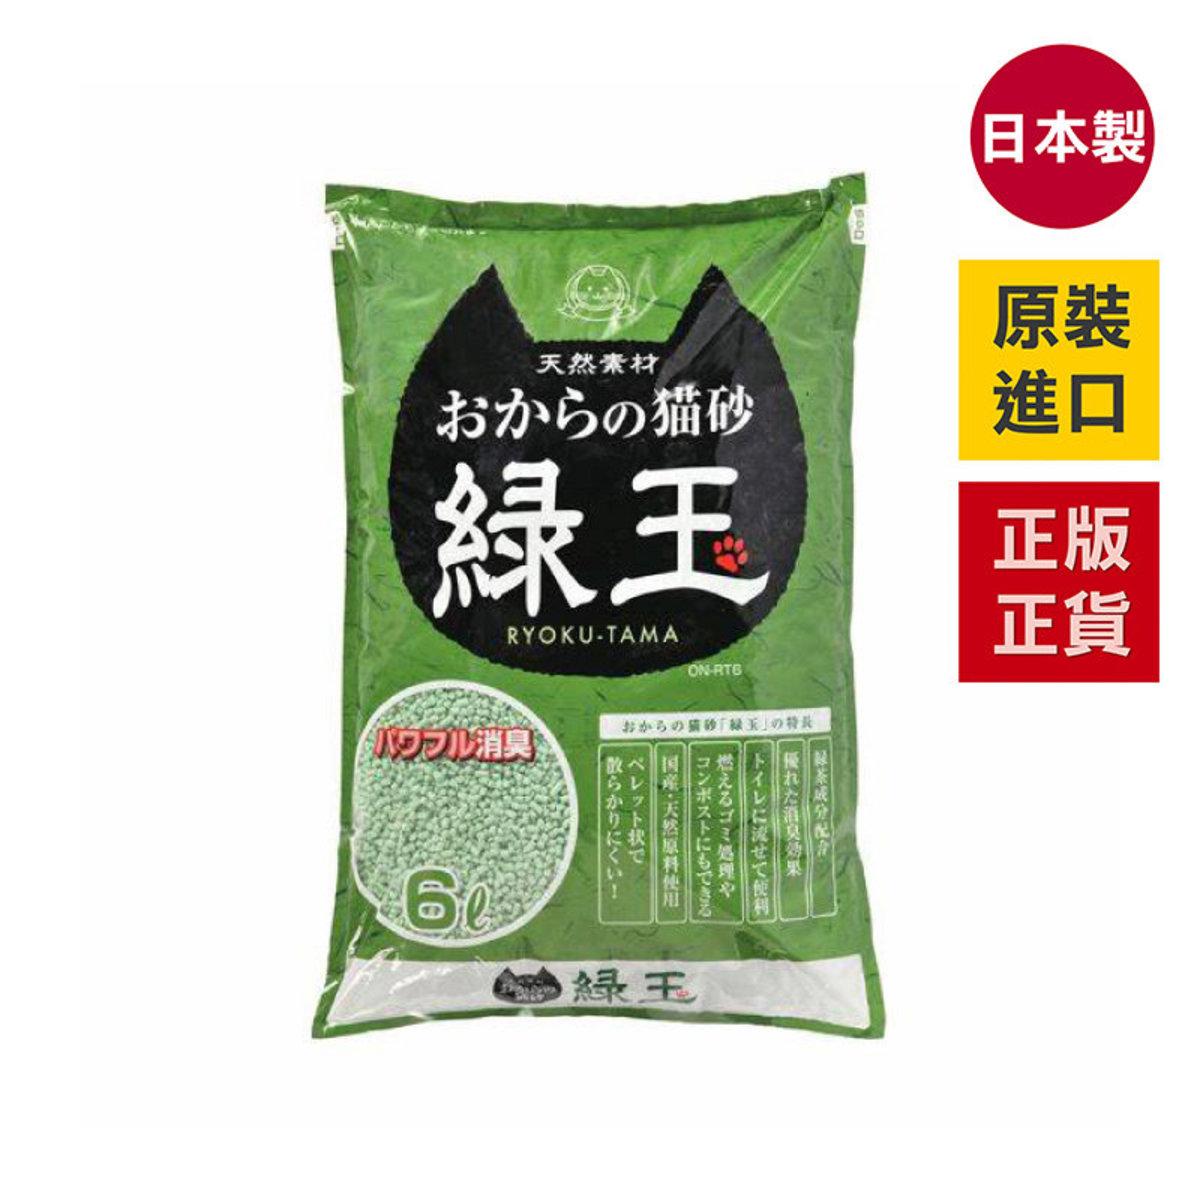 Tofu Cat Litter - Emerald 6L